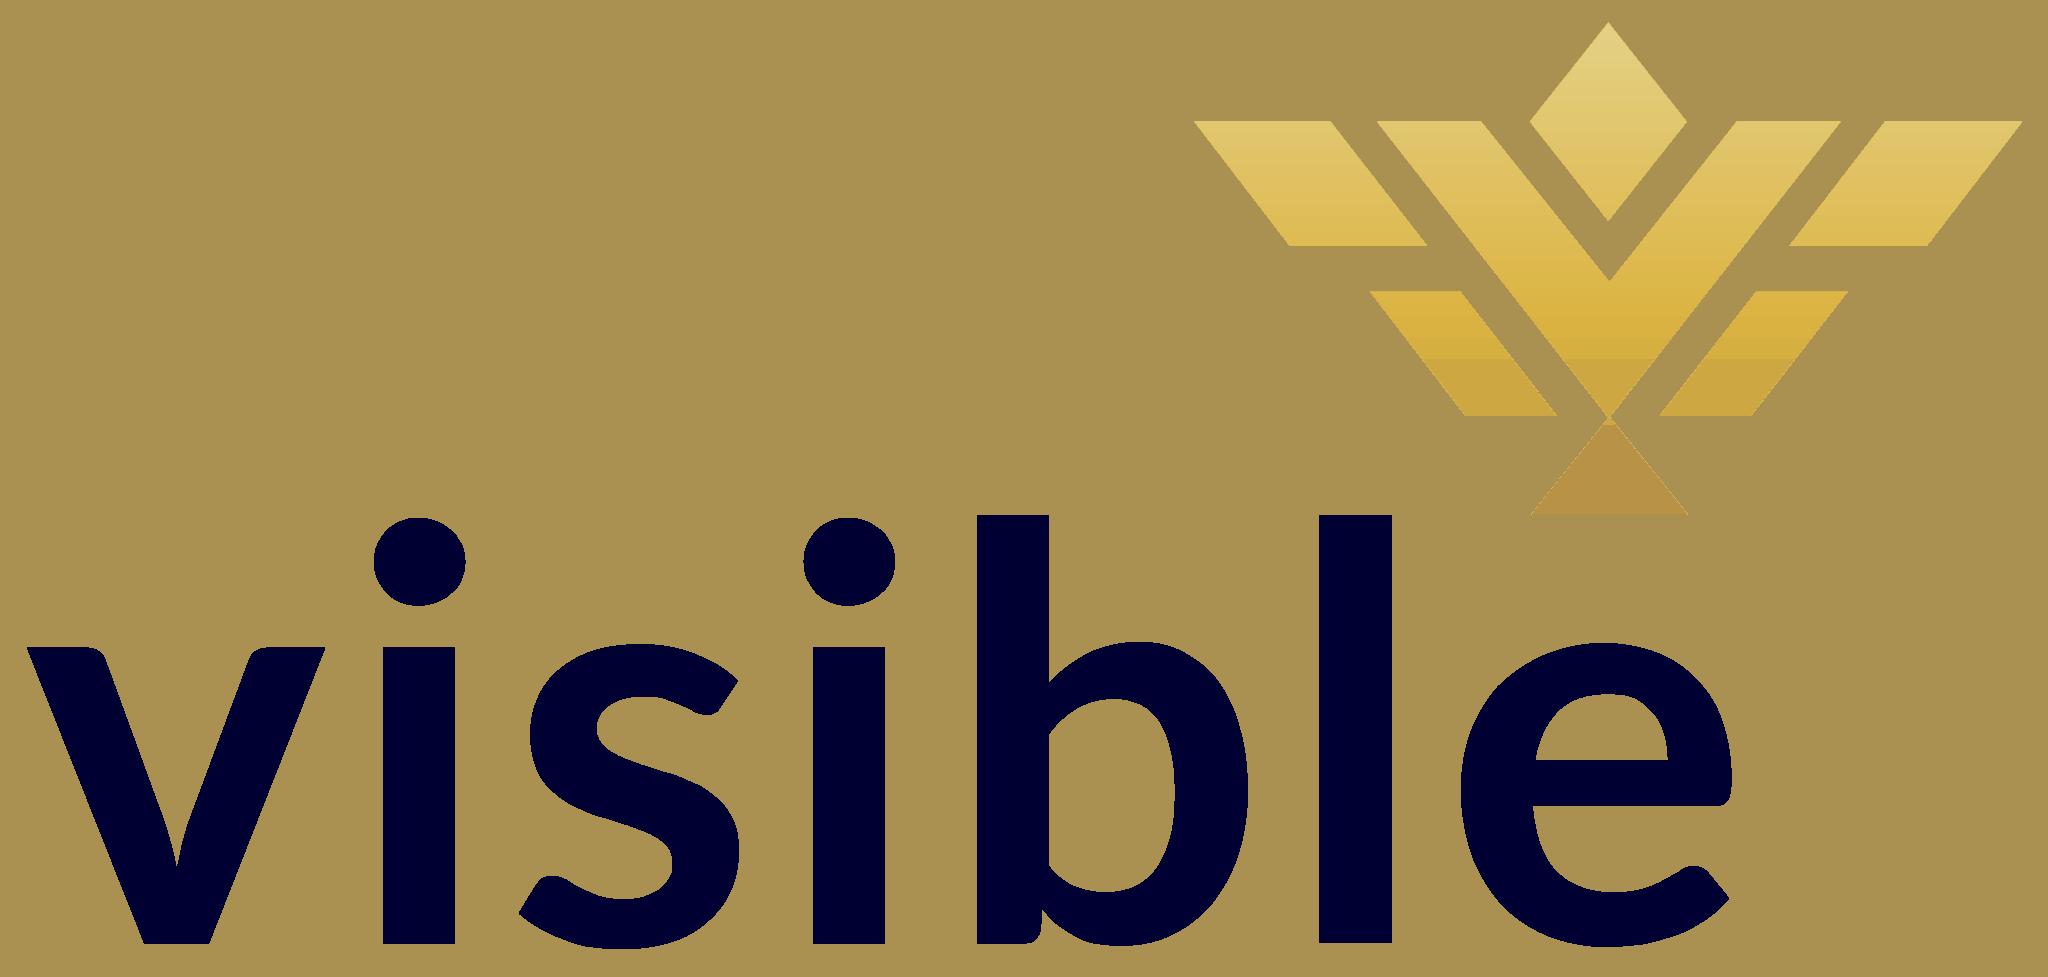 Visible Solberg